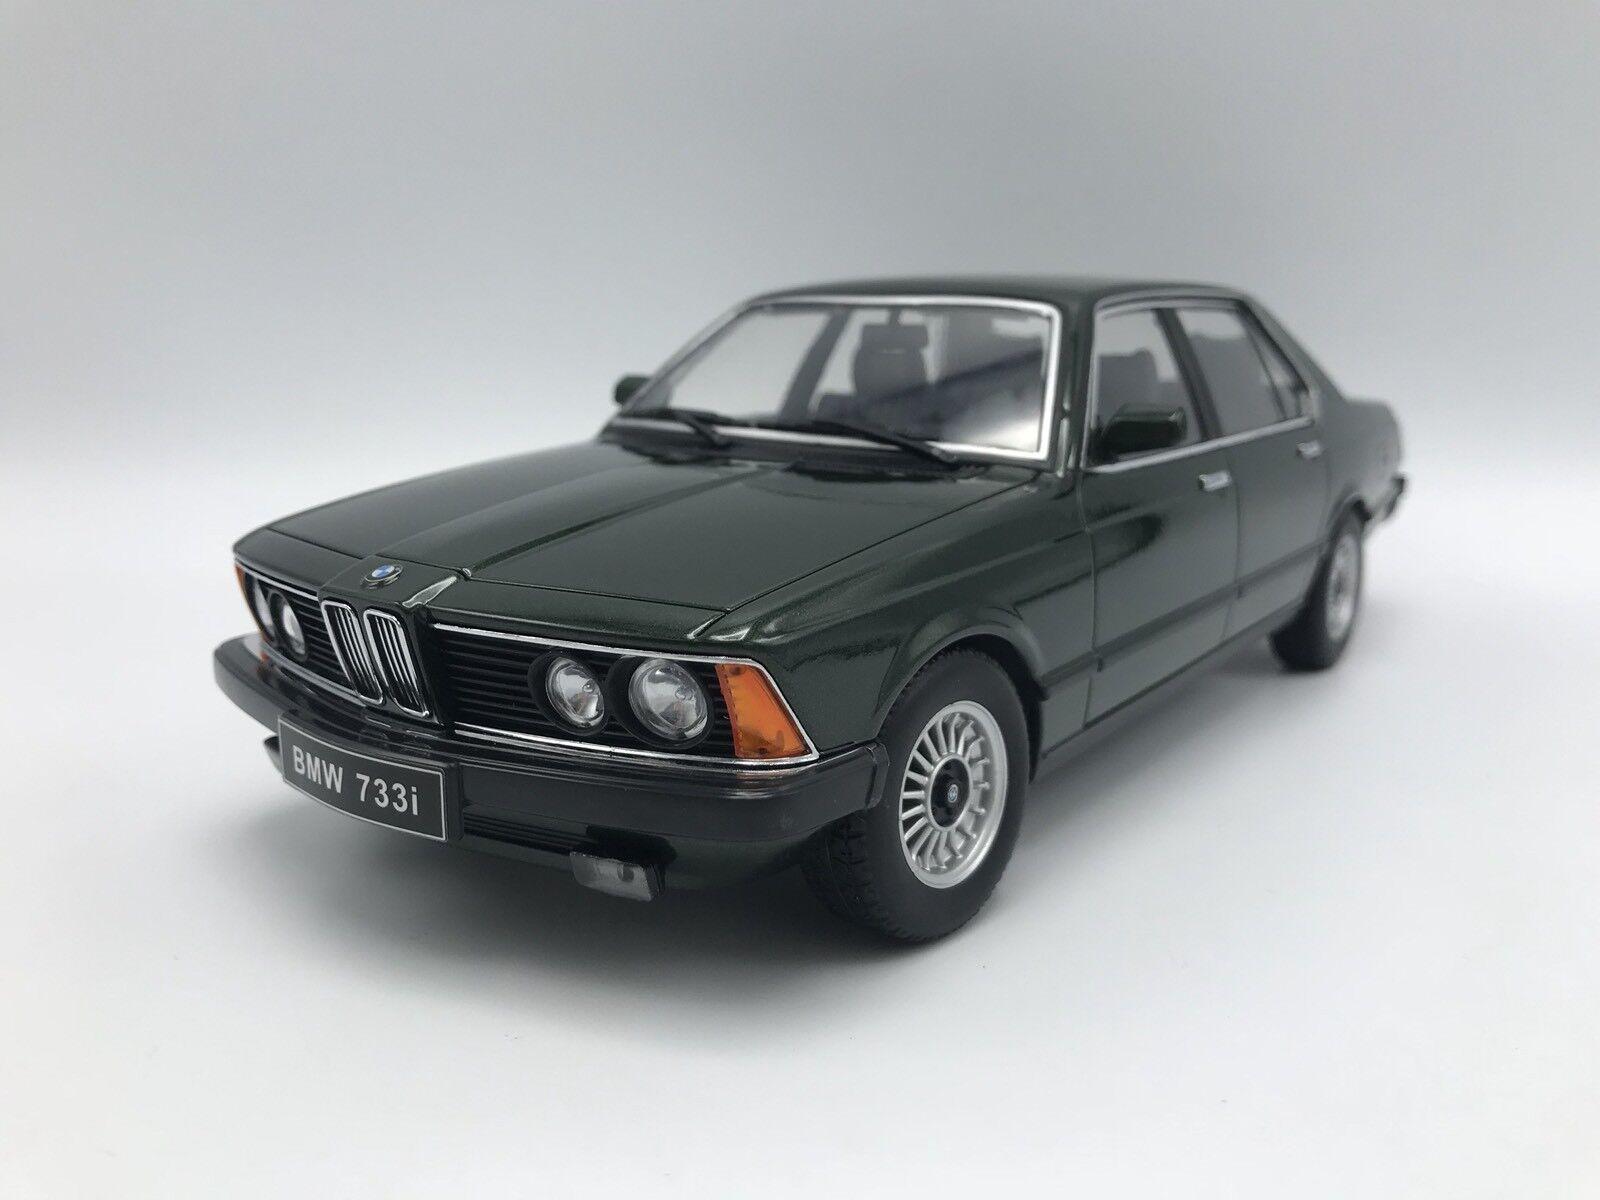 BMW 733i (e23) 1977-Metallic-Vert foncé - 1 18 KK-Scale